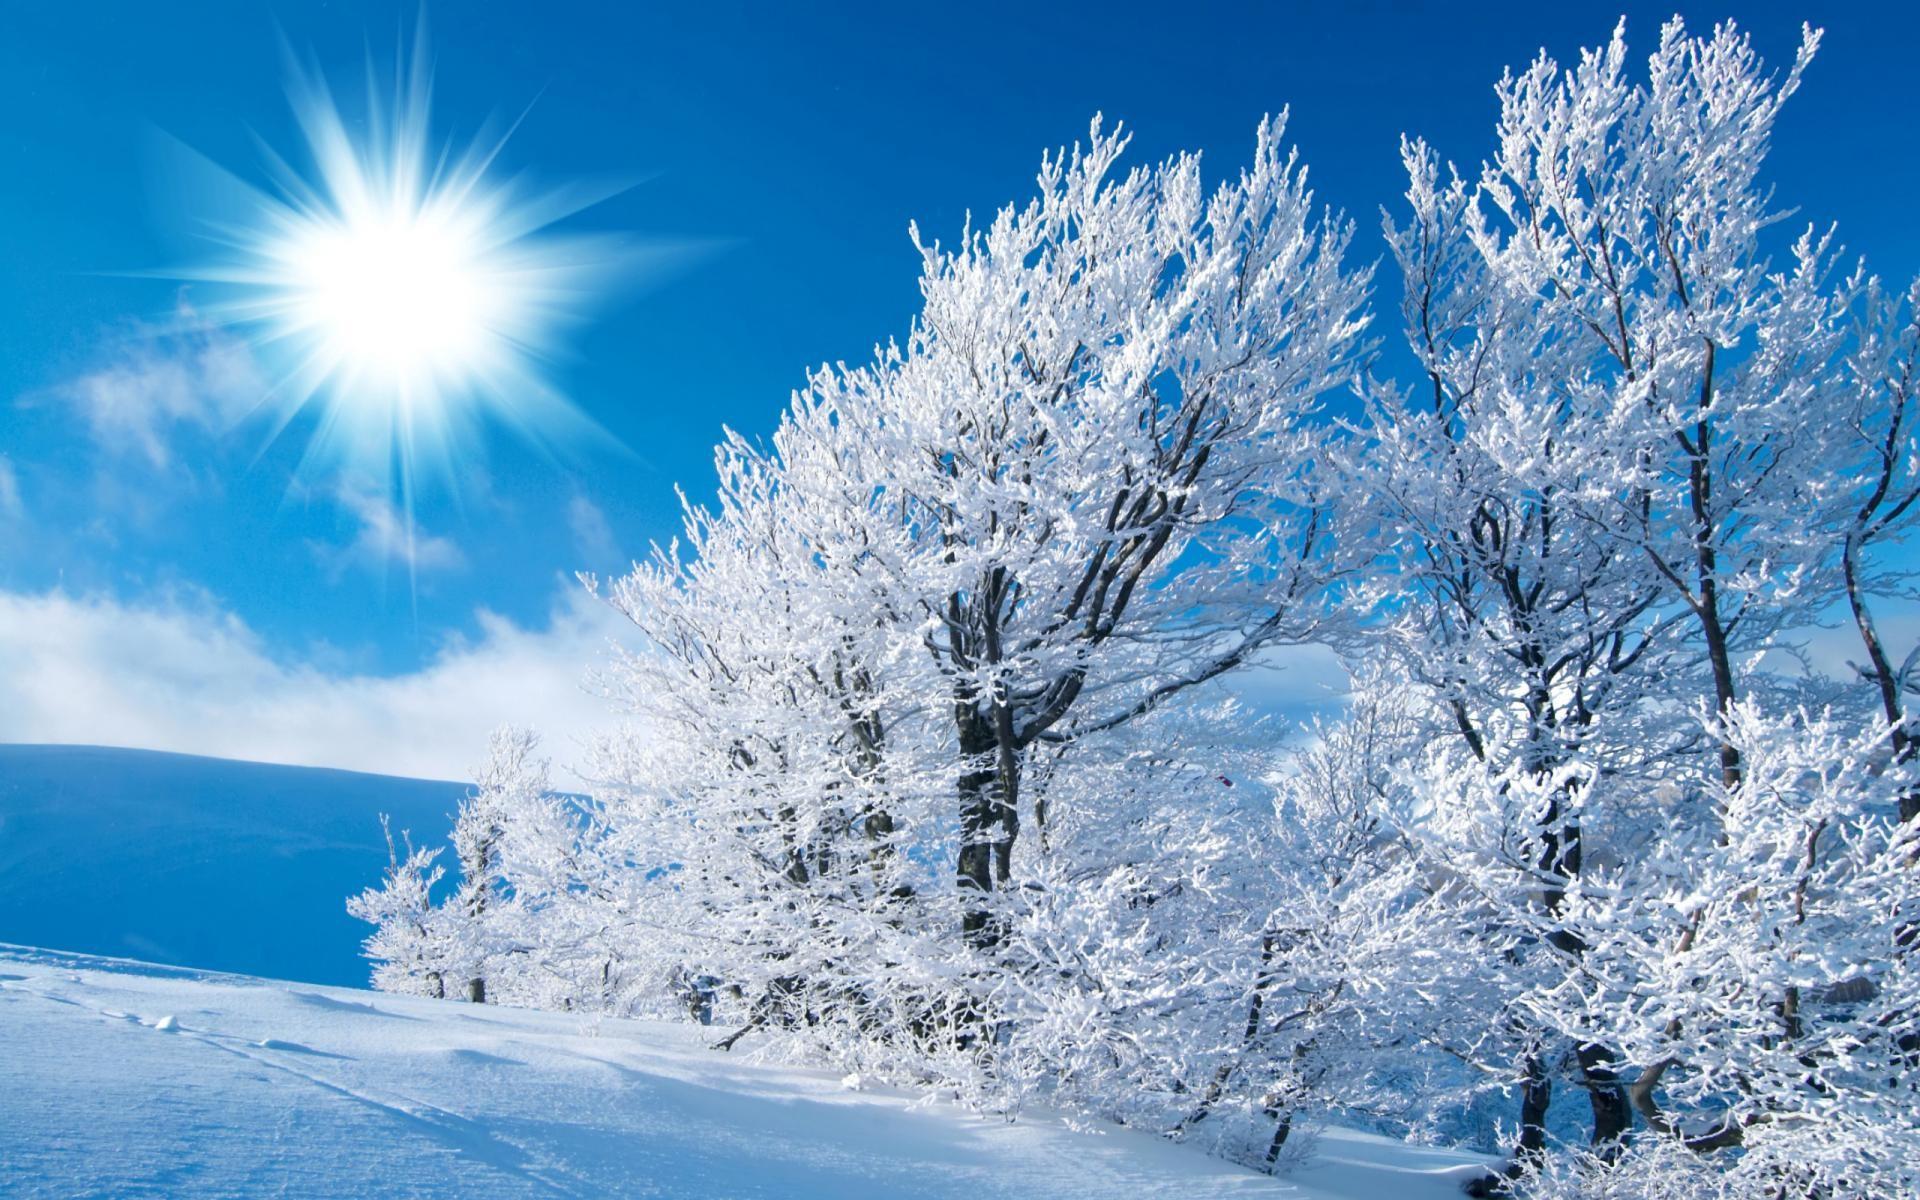 Картинки с красивой зимой, офис надписи месяцев